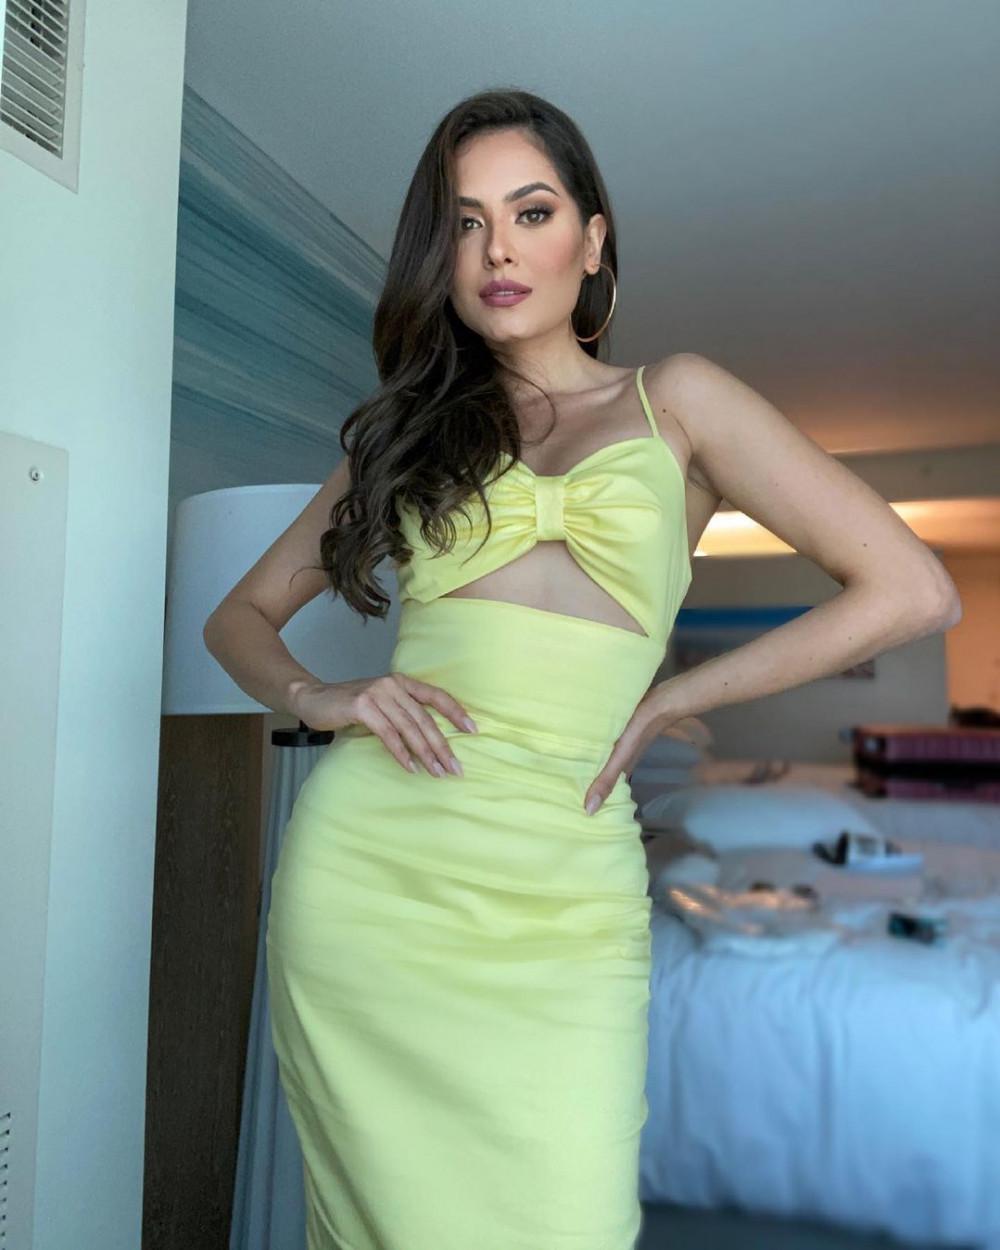 Andrea Meza cũng thích trang phục cut-out để khoe được hình thể săn chắc.